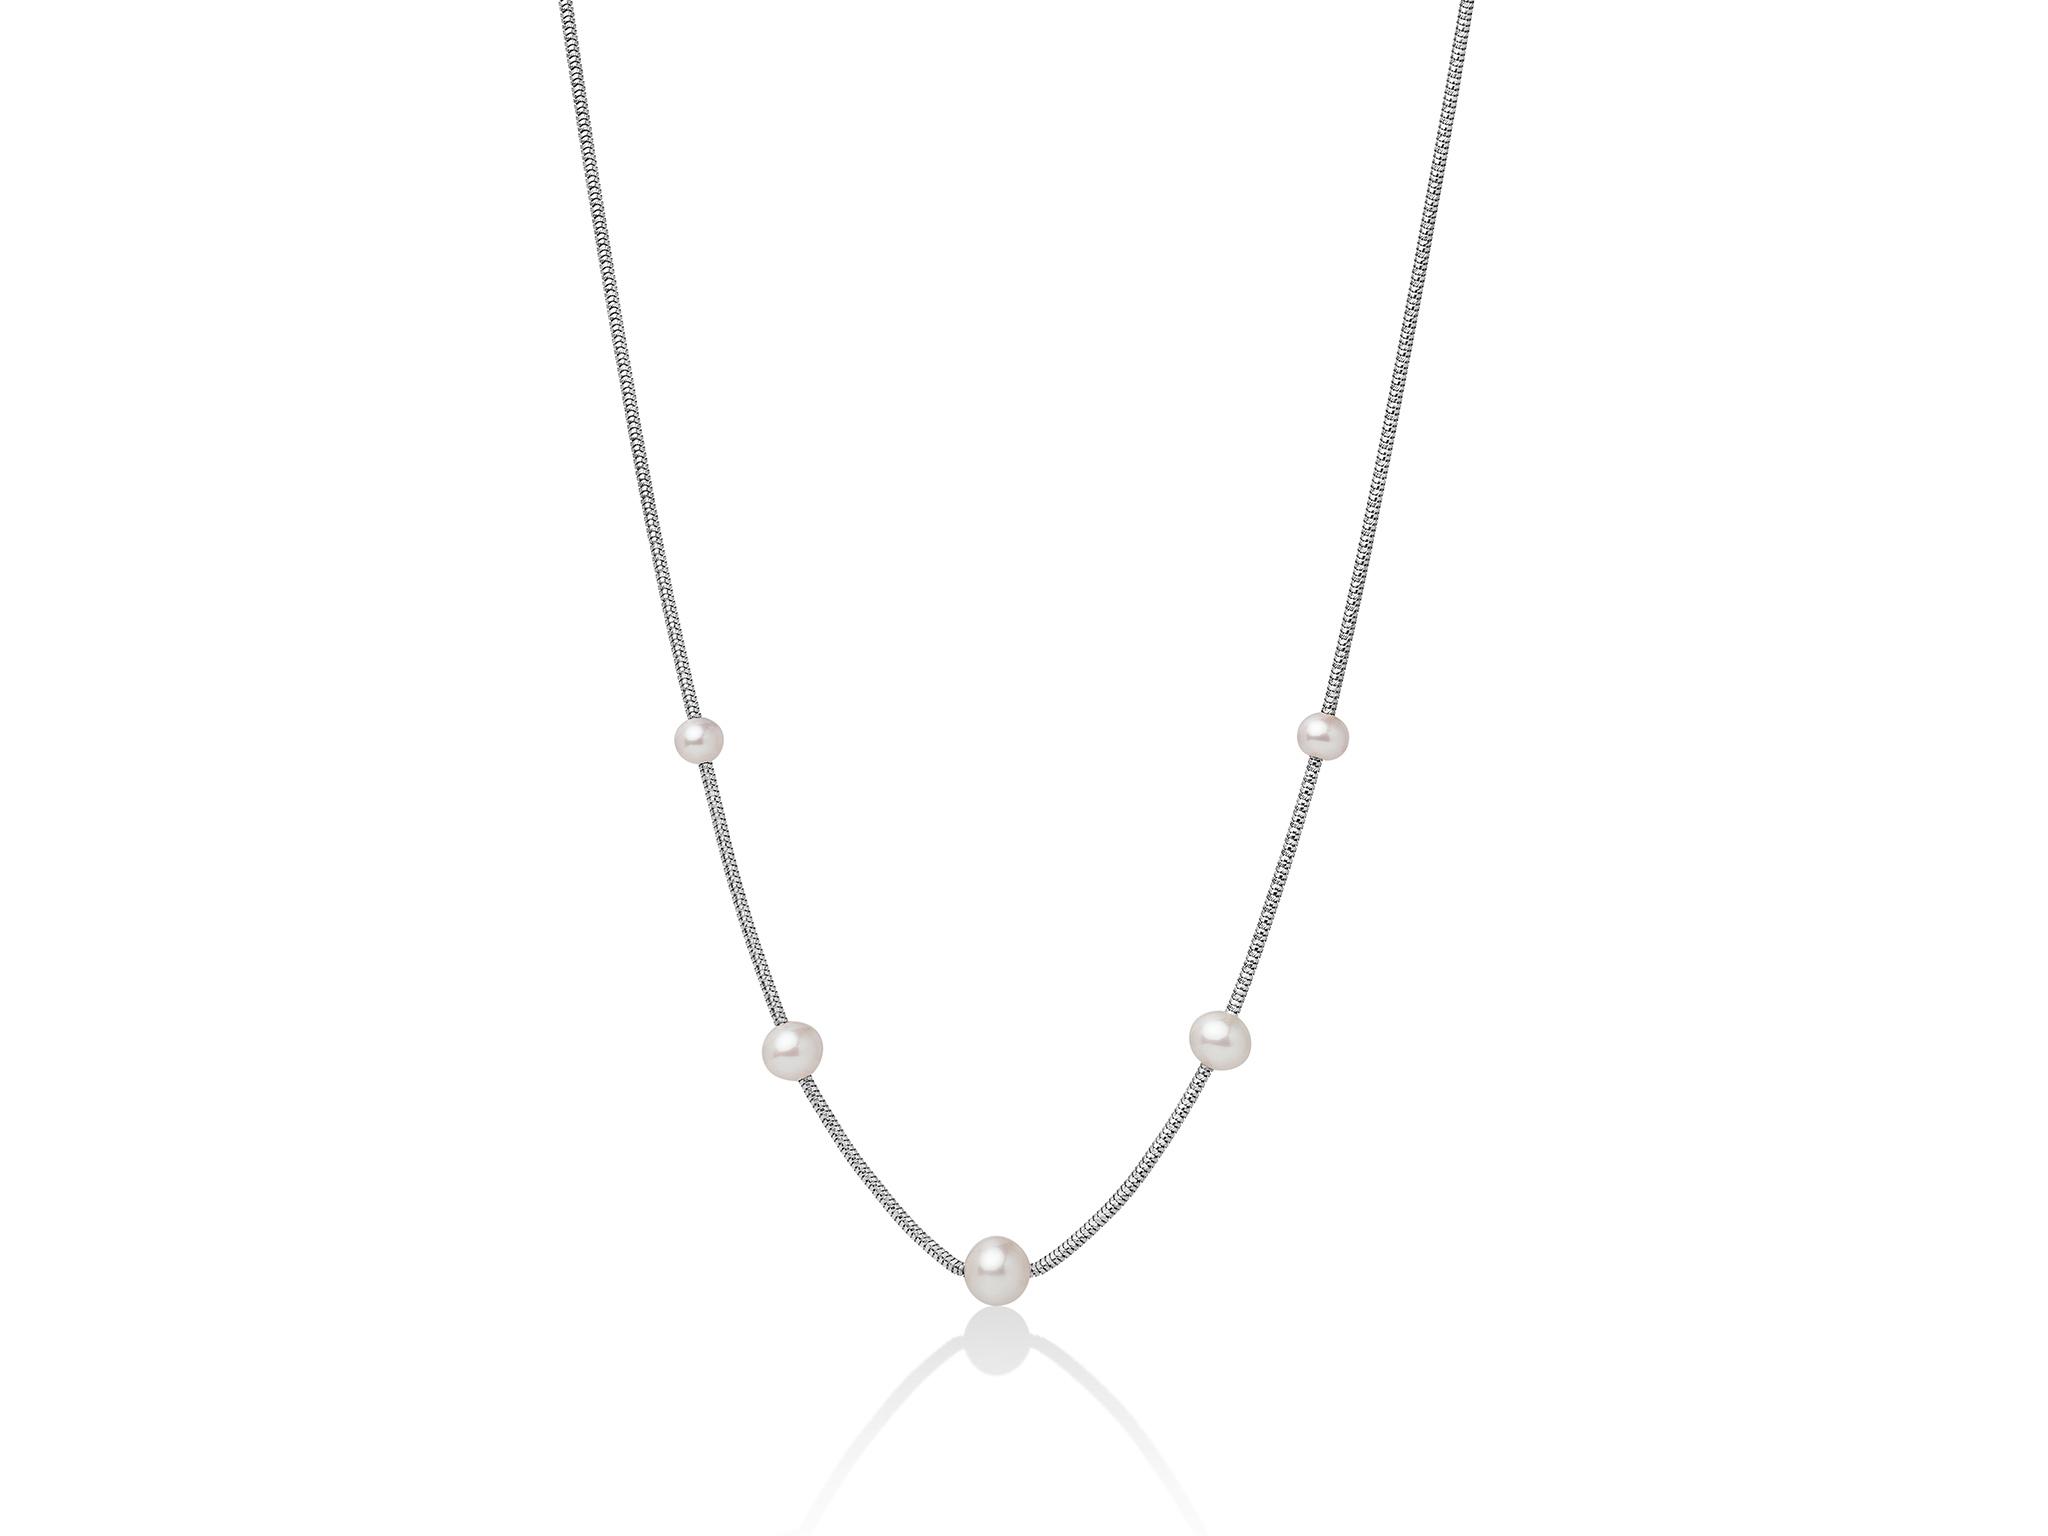 Collana monofilo in argento con perle bianche - PCL5623